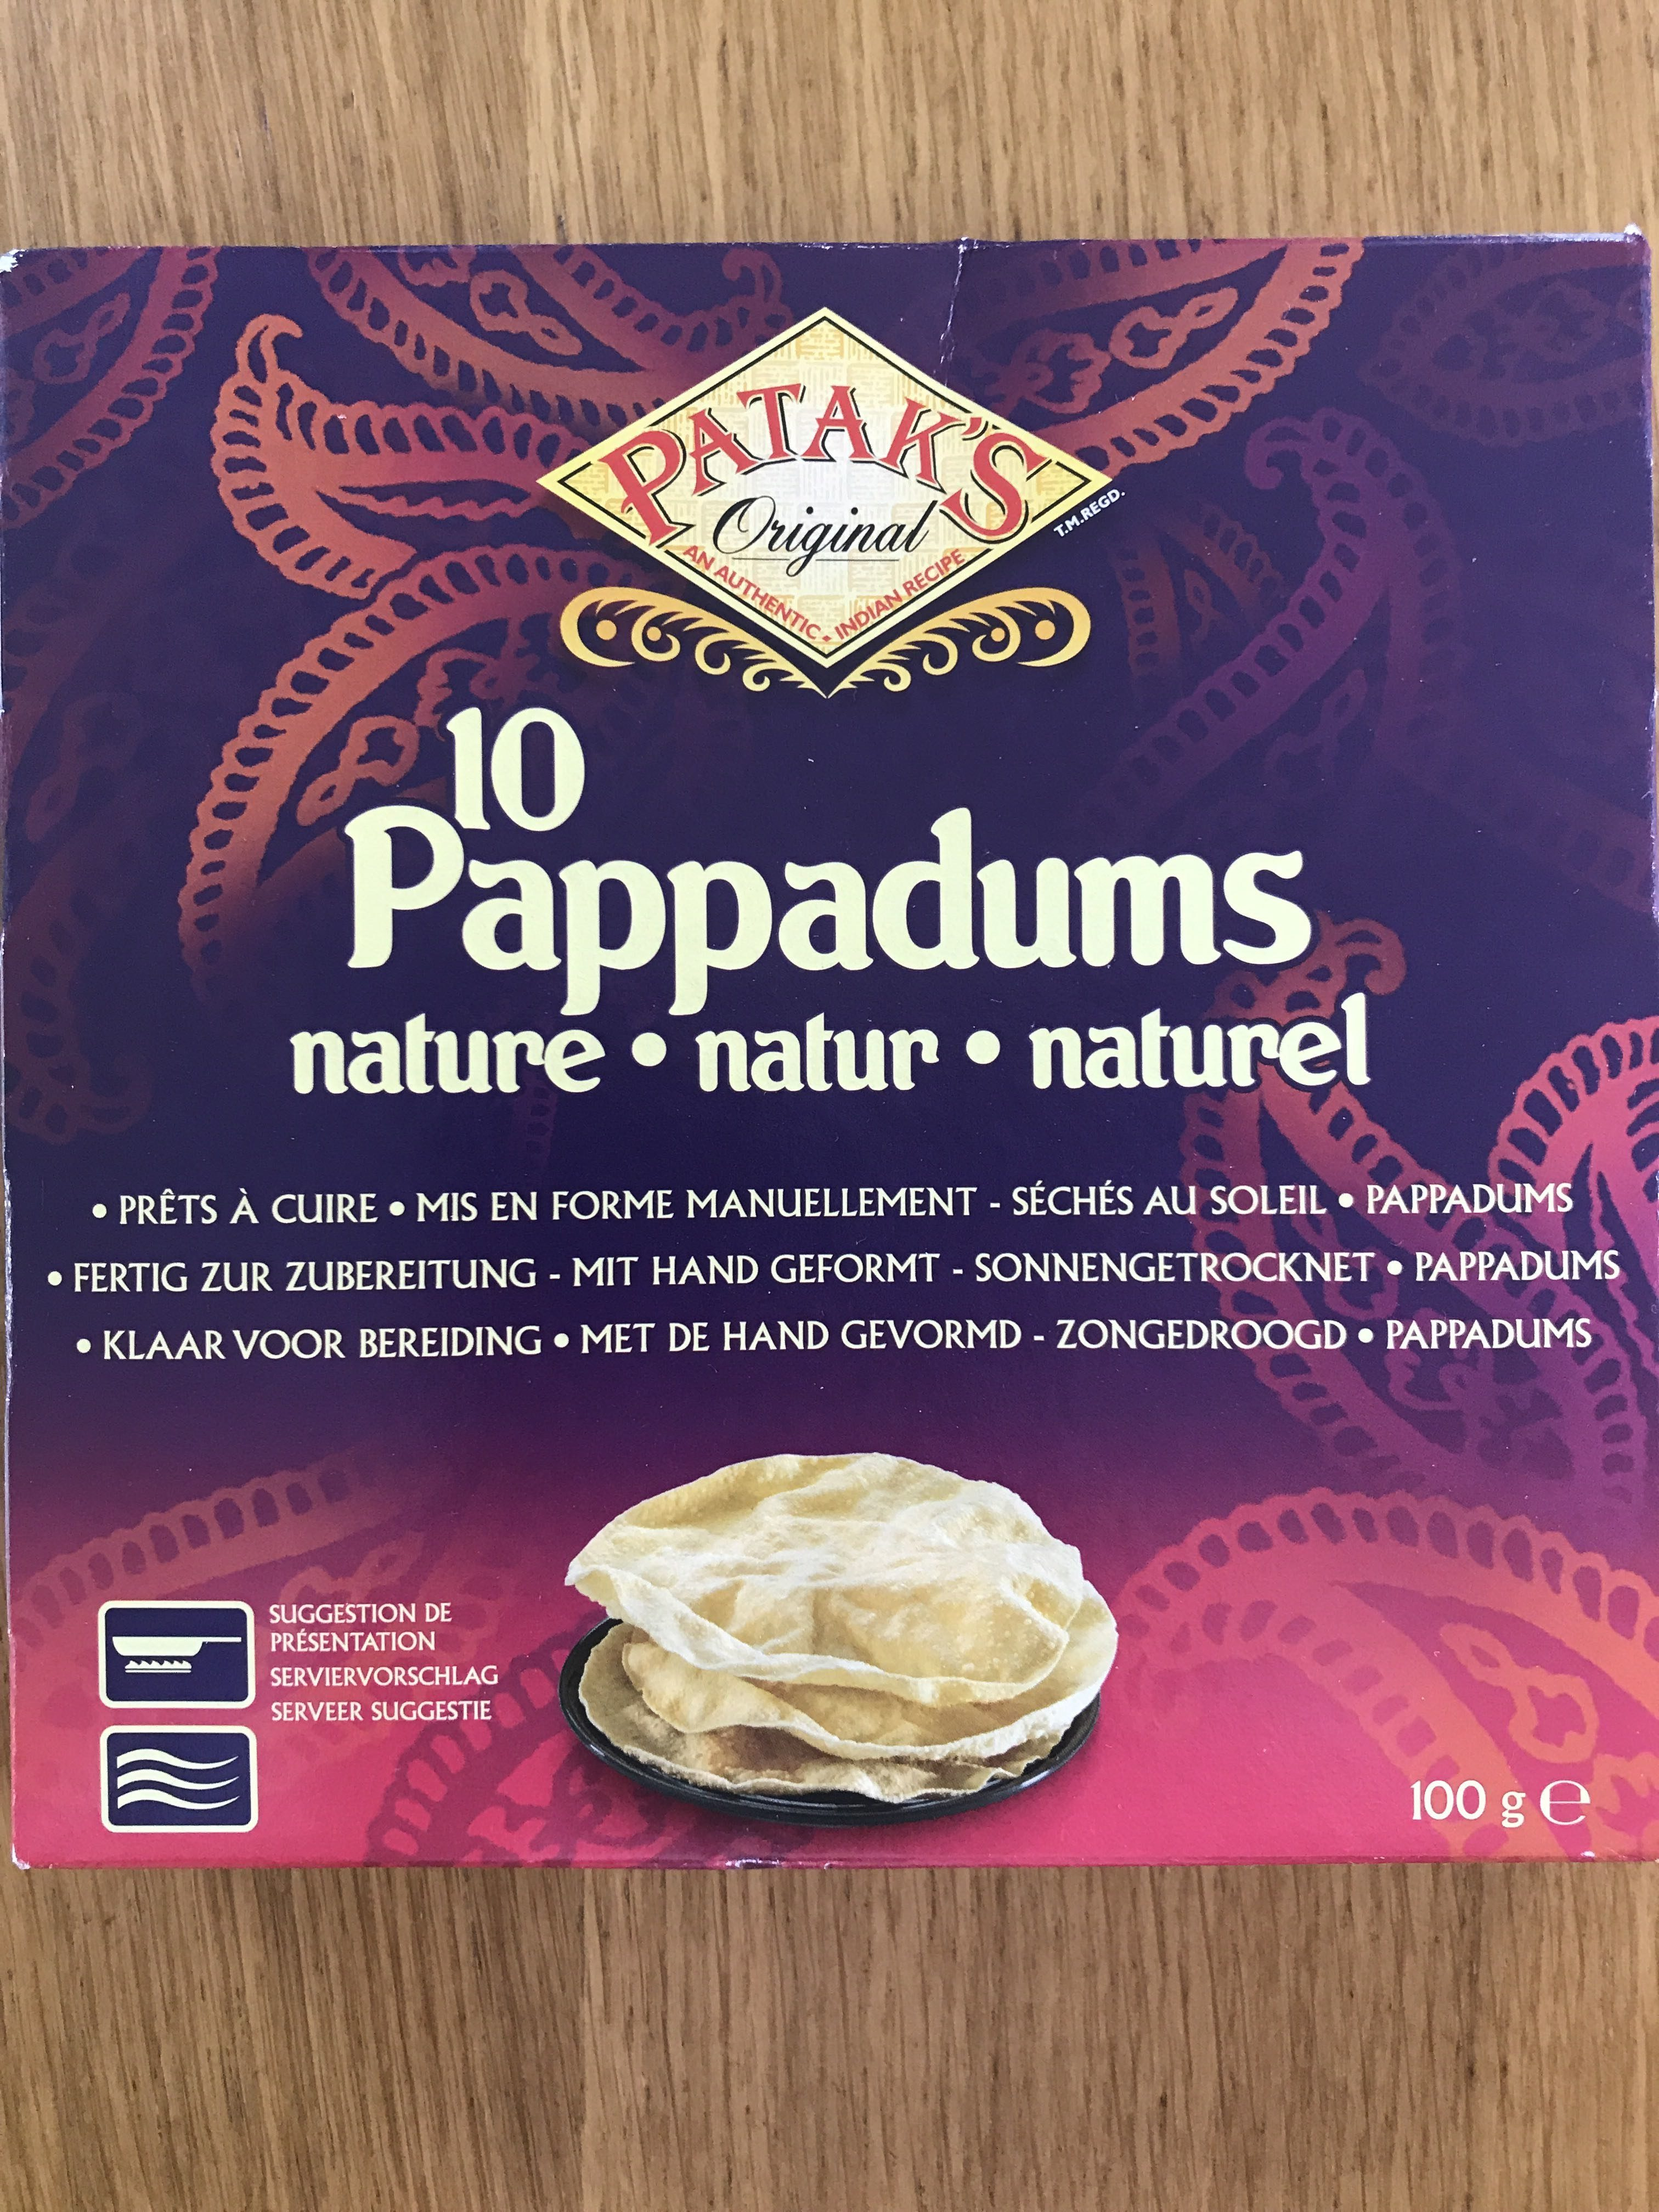 10 Pappadums Nature Pataks 100G 0 - Produit - fr